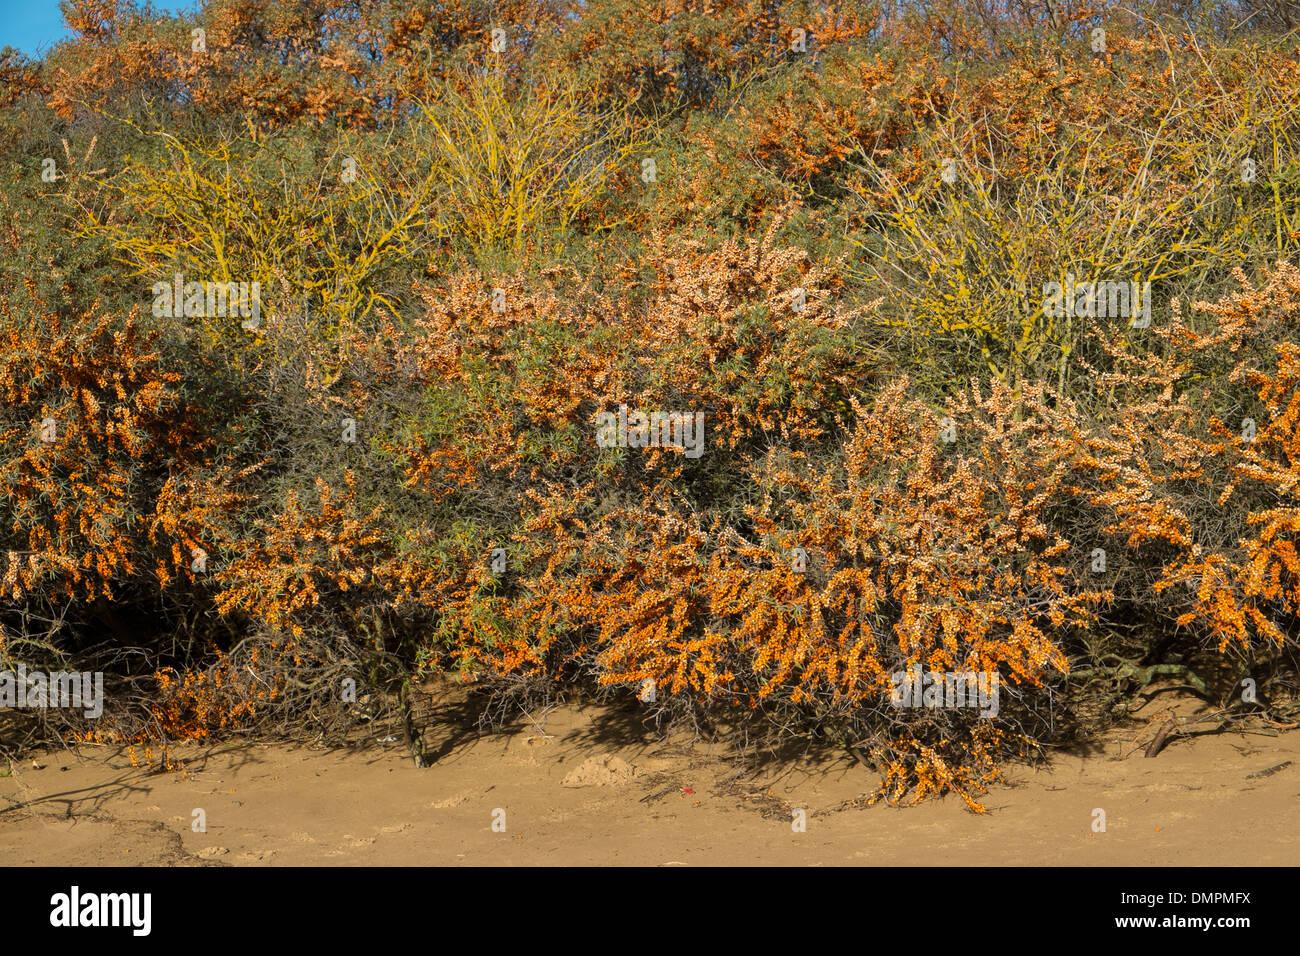 Küstendüne in Sanddorn-Peeling, (Hippophae) zeigt reife Beeren bedeckt. Stockfoto